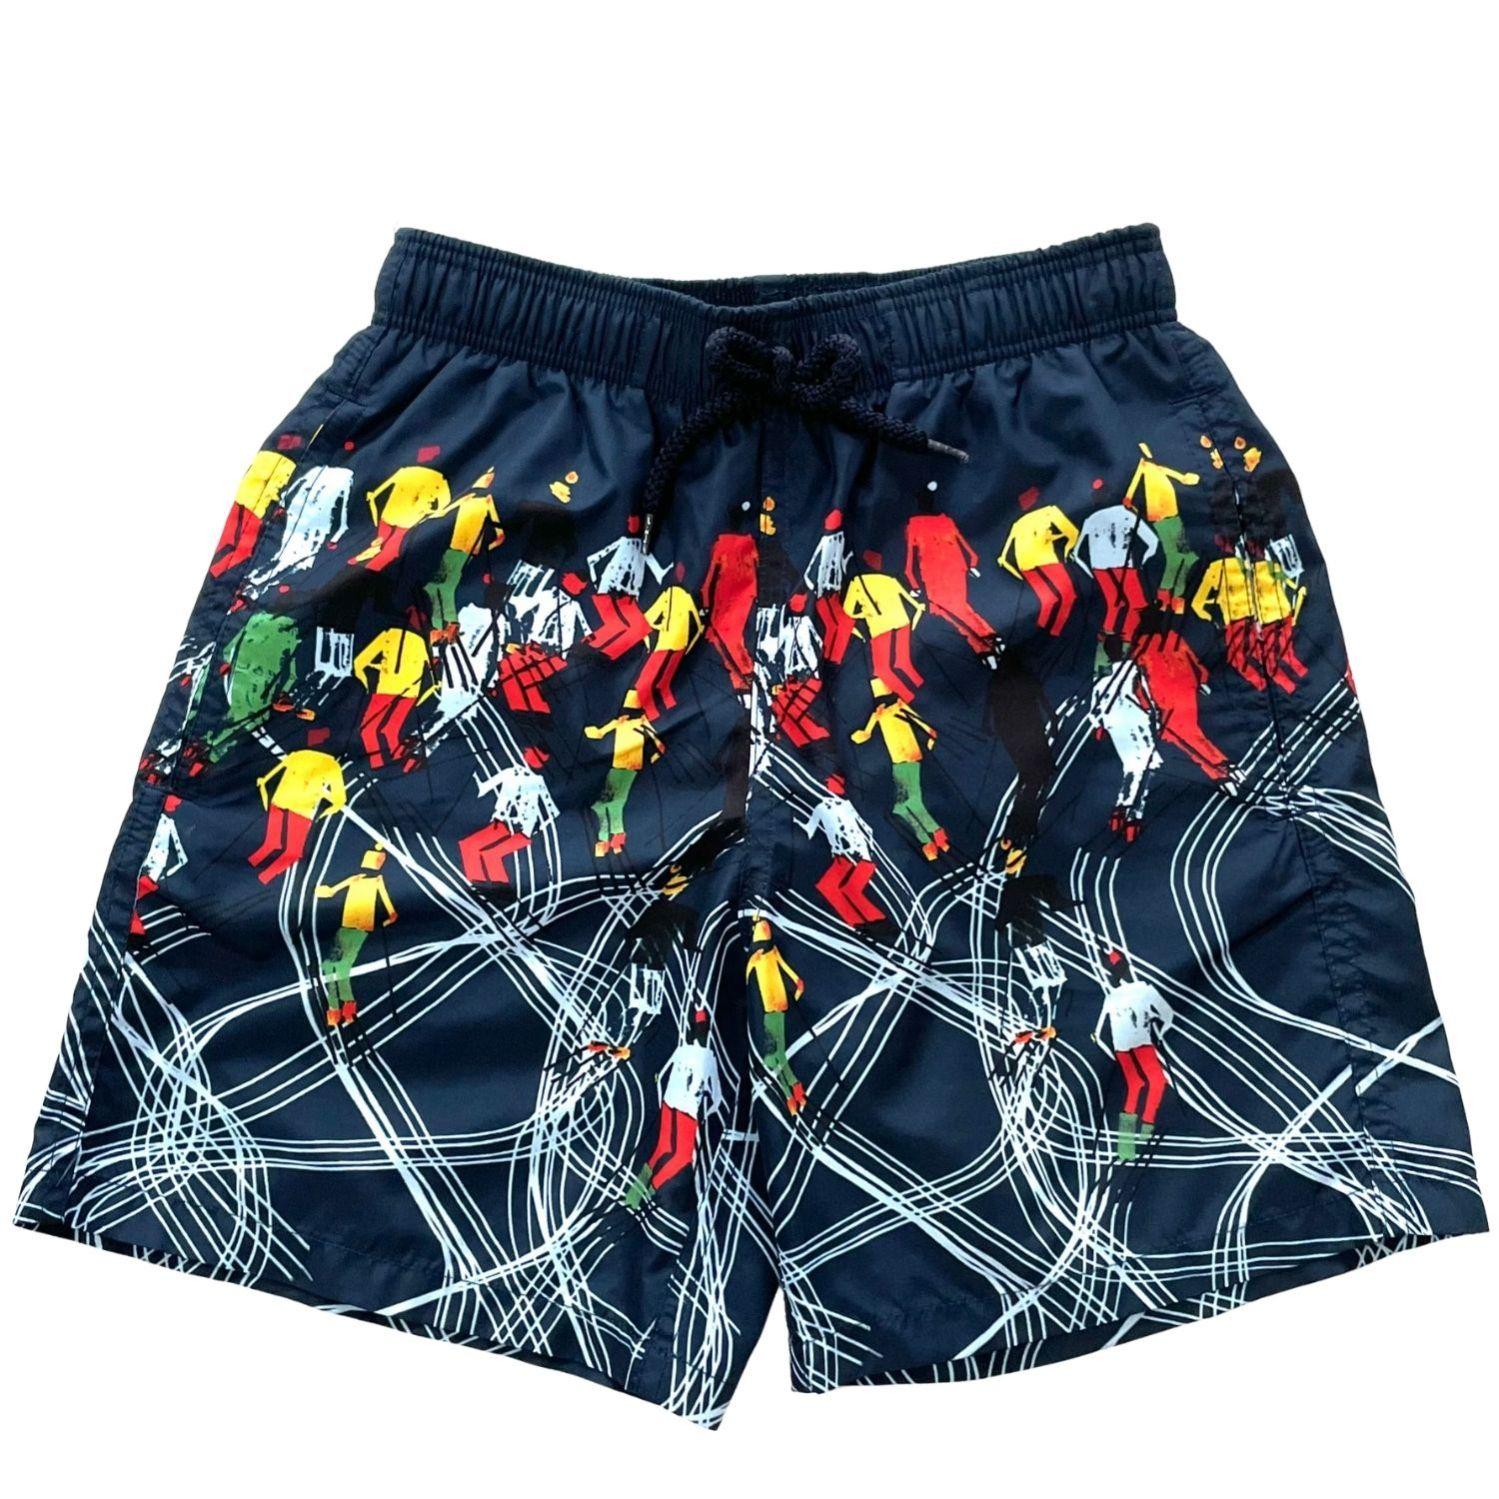 Shorts Vilebrequin Estampado